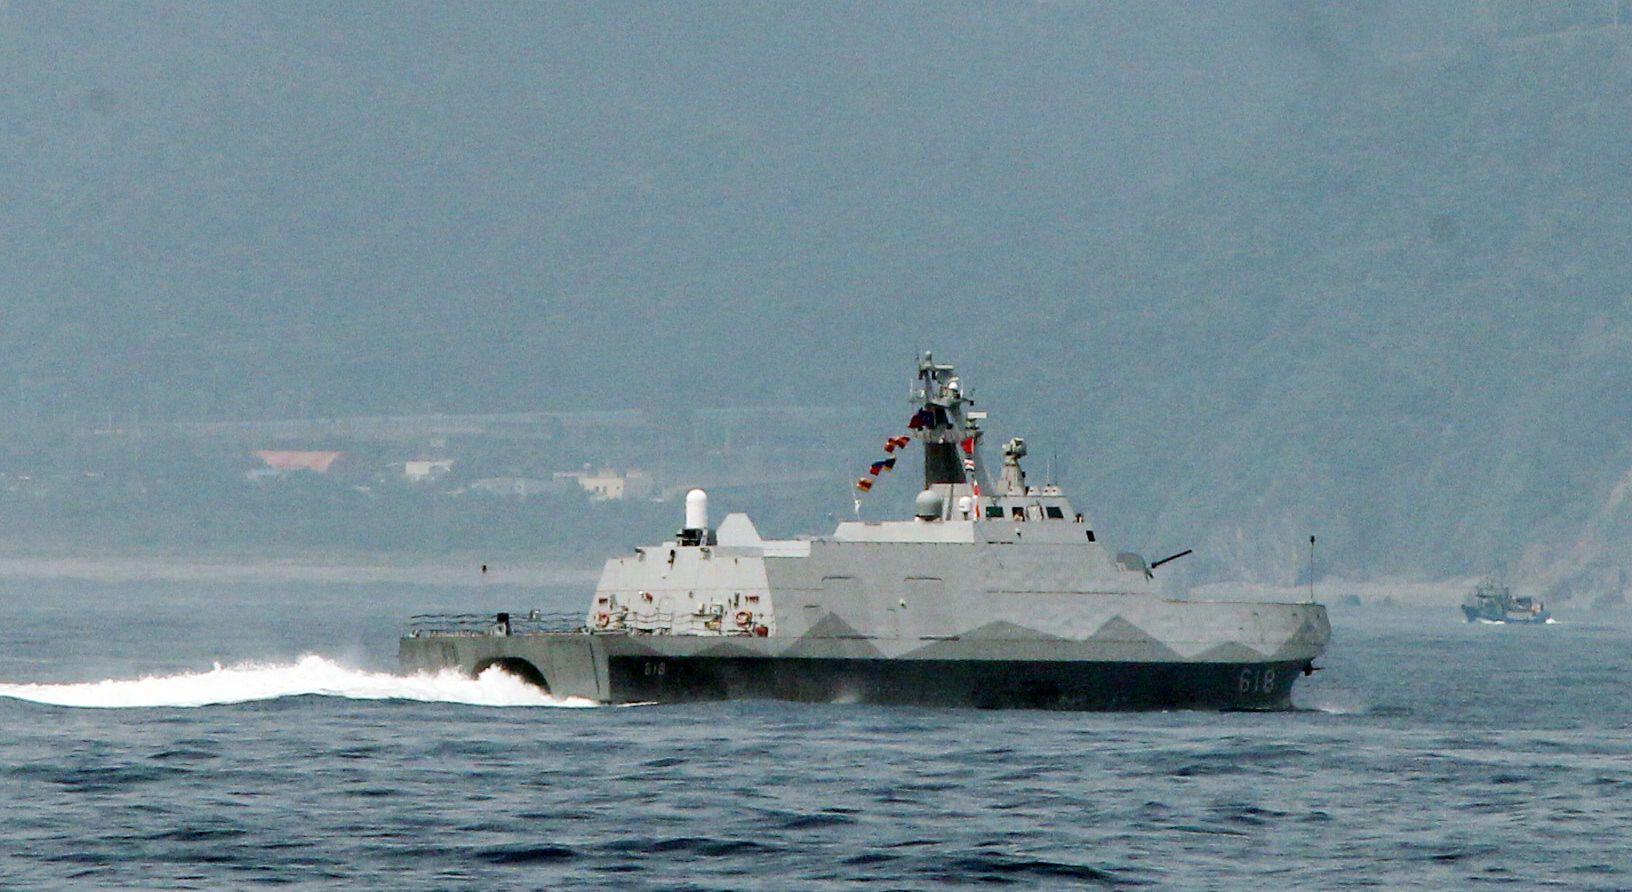 沱江艦對敵船實施飽和攻擊。(記者邱榮吉/蘇澳拍攝)